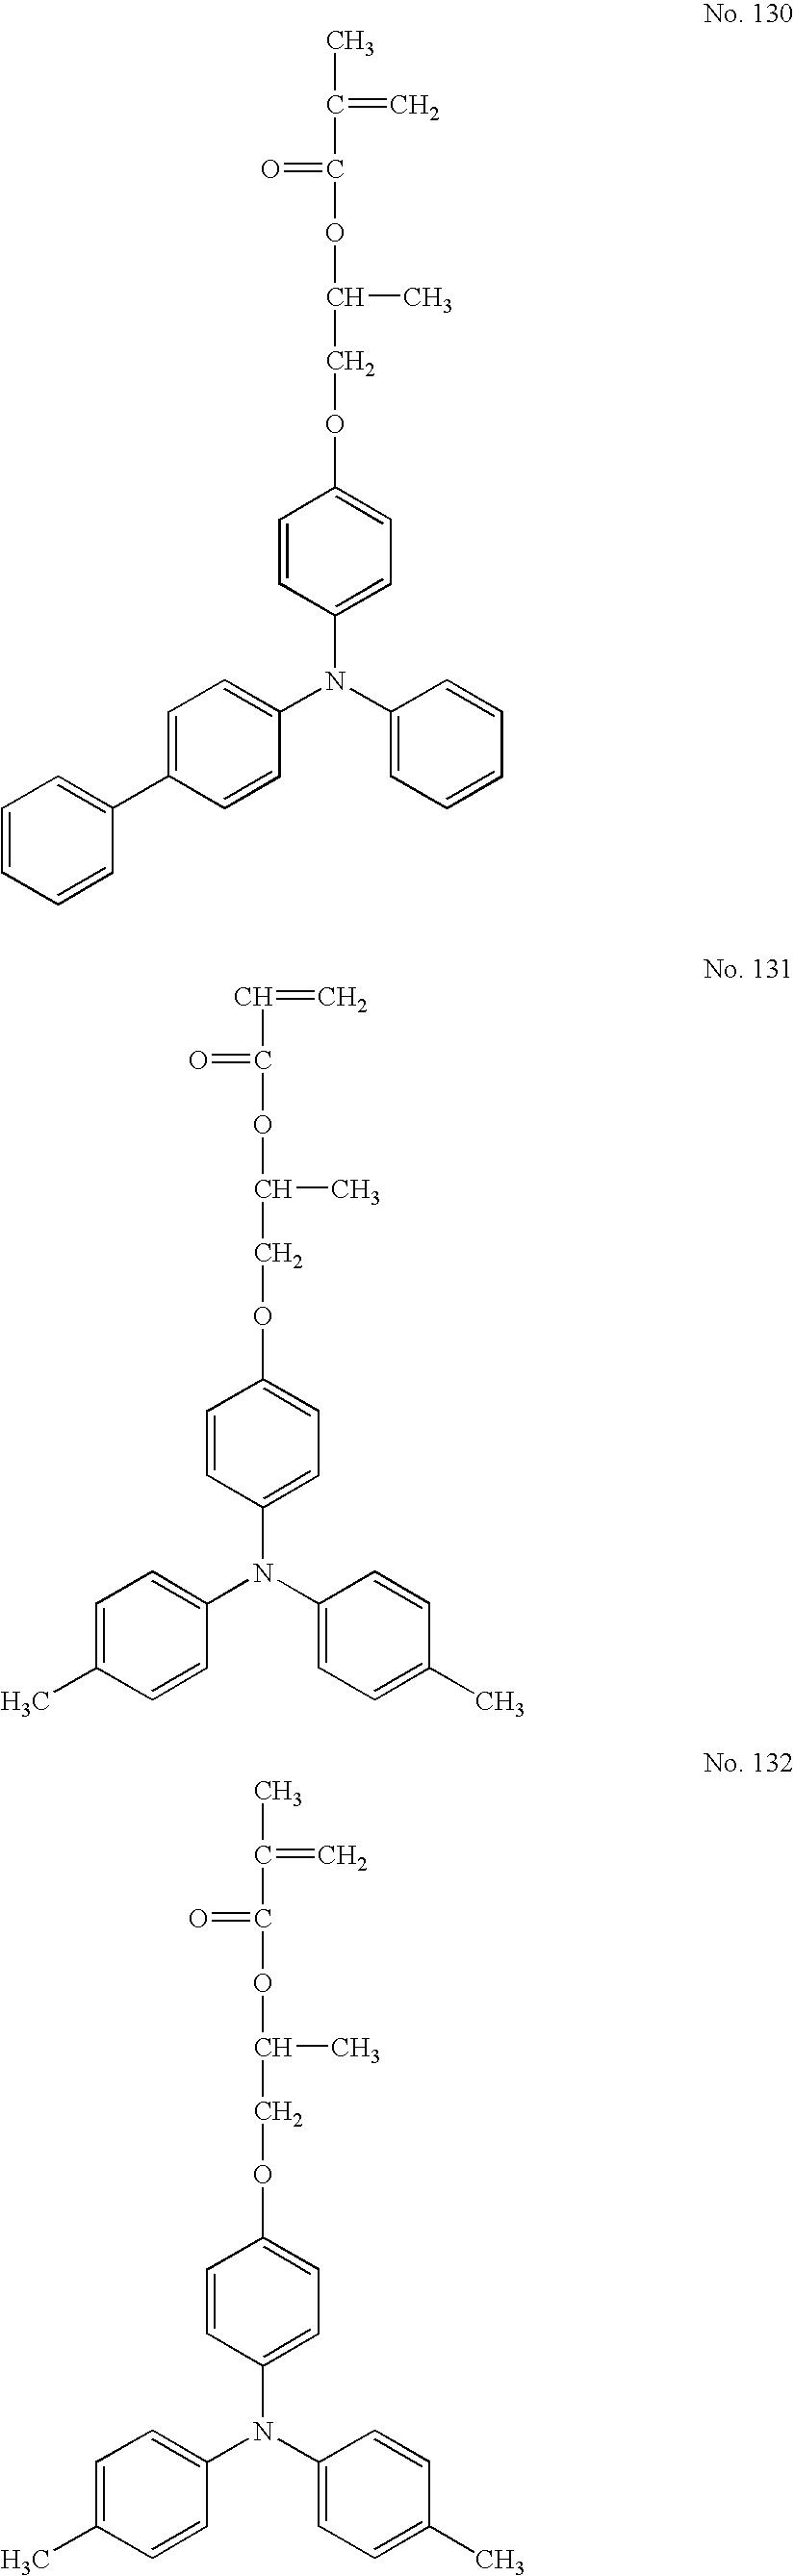 Figure US07824830-20101102-C00062